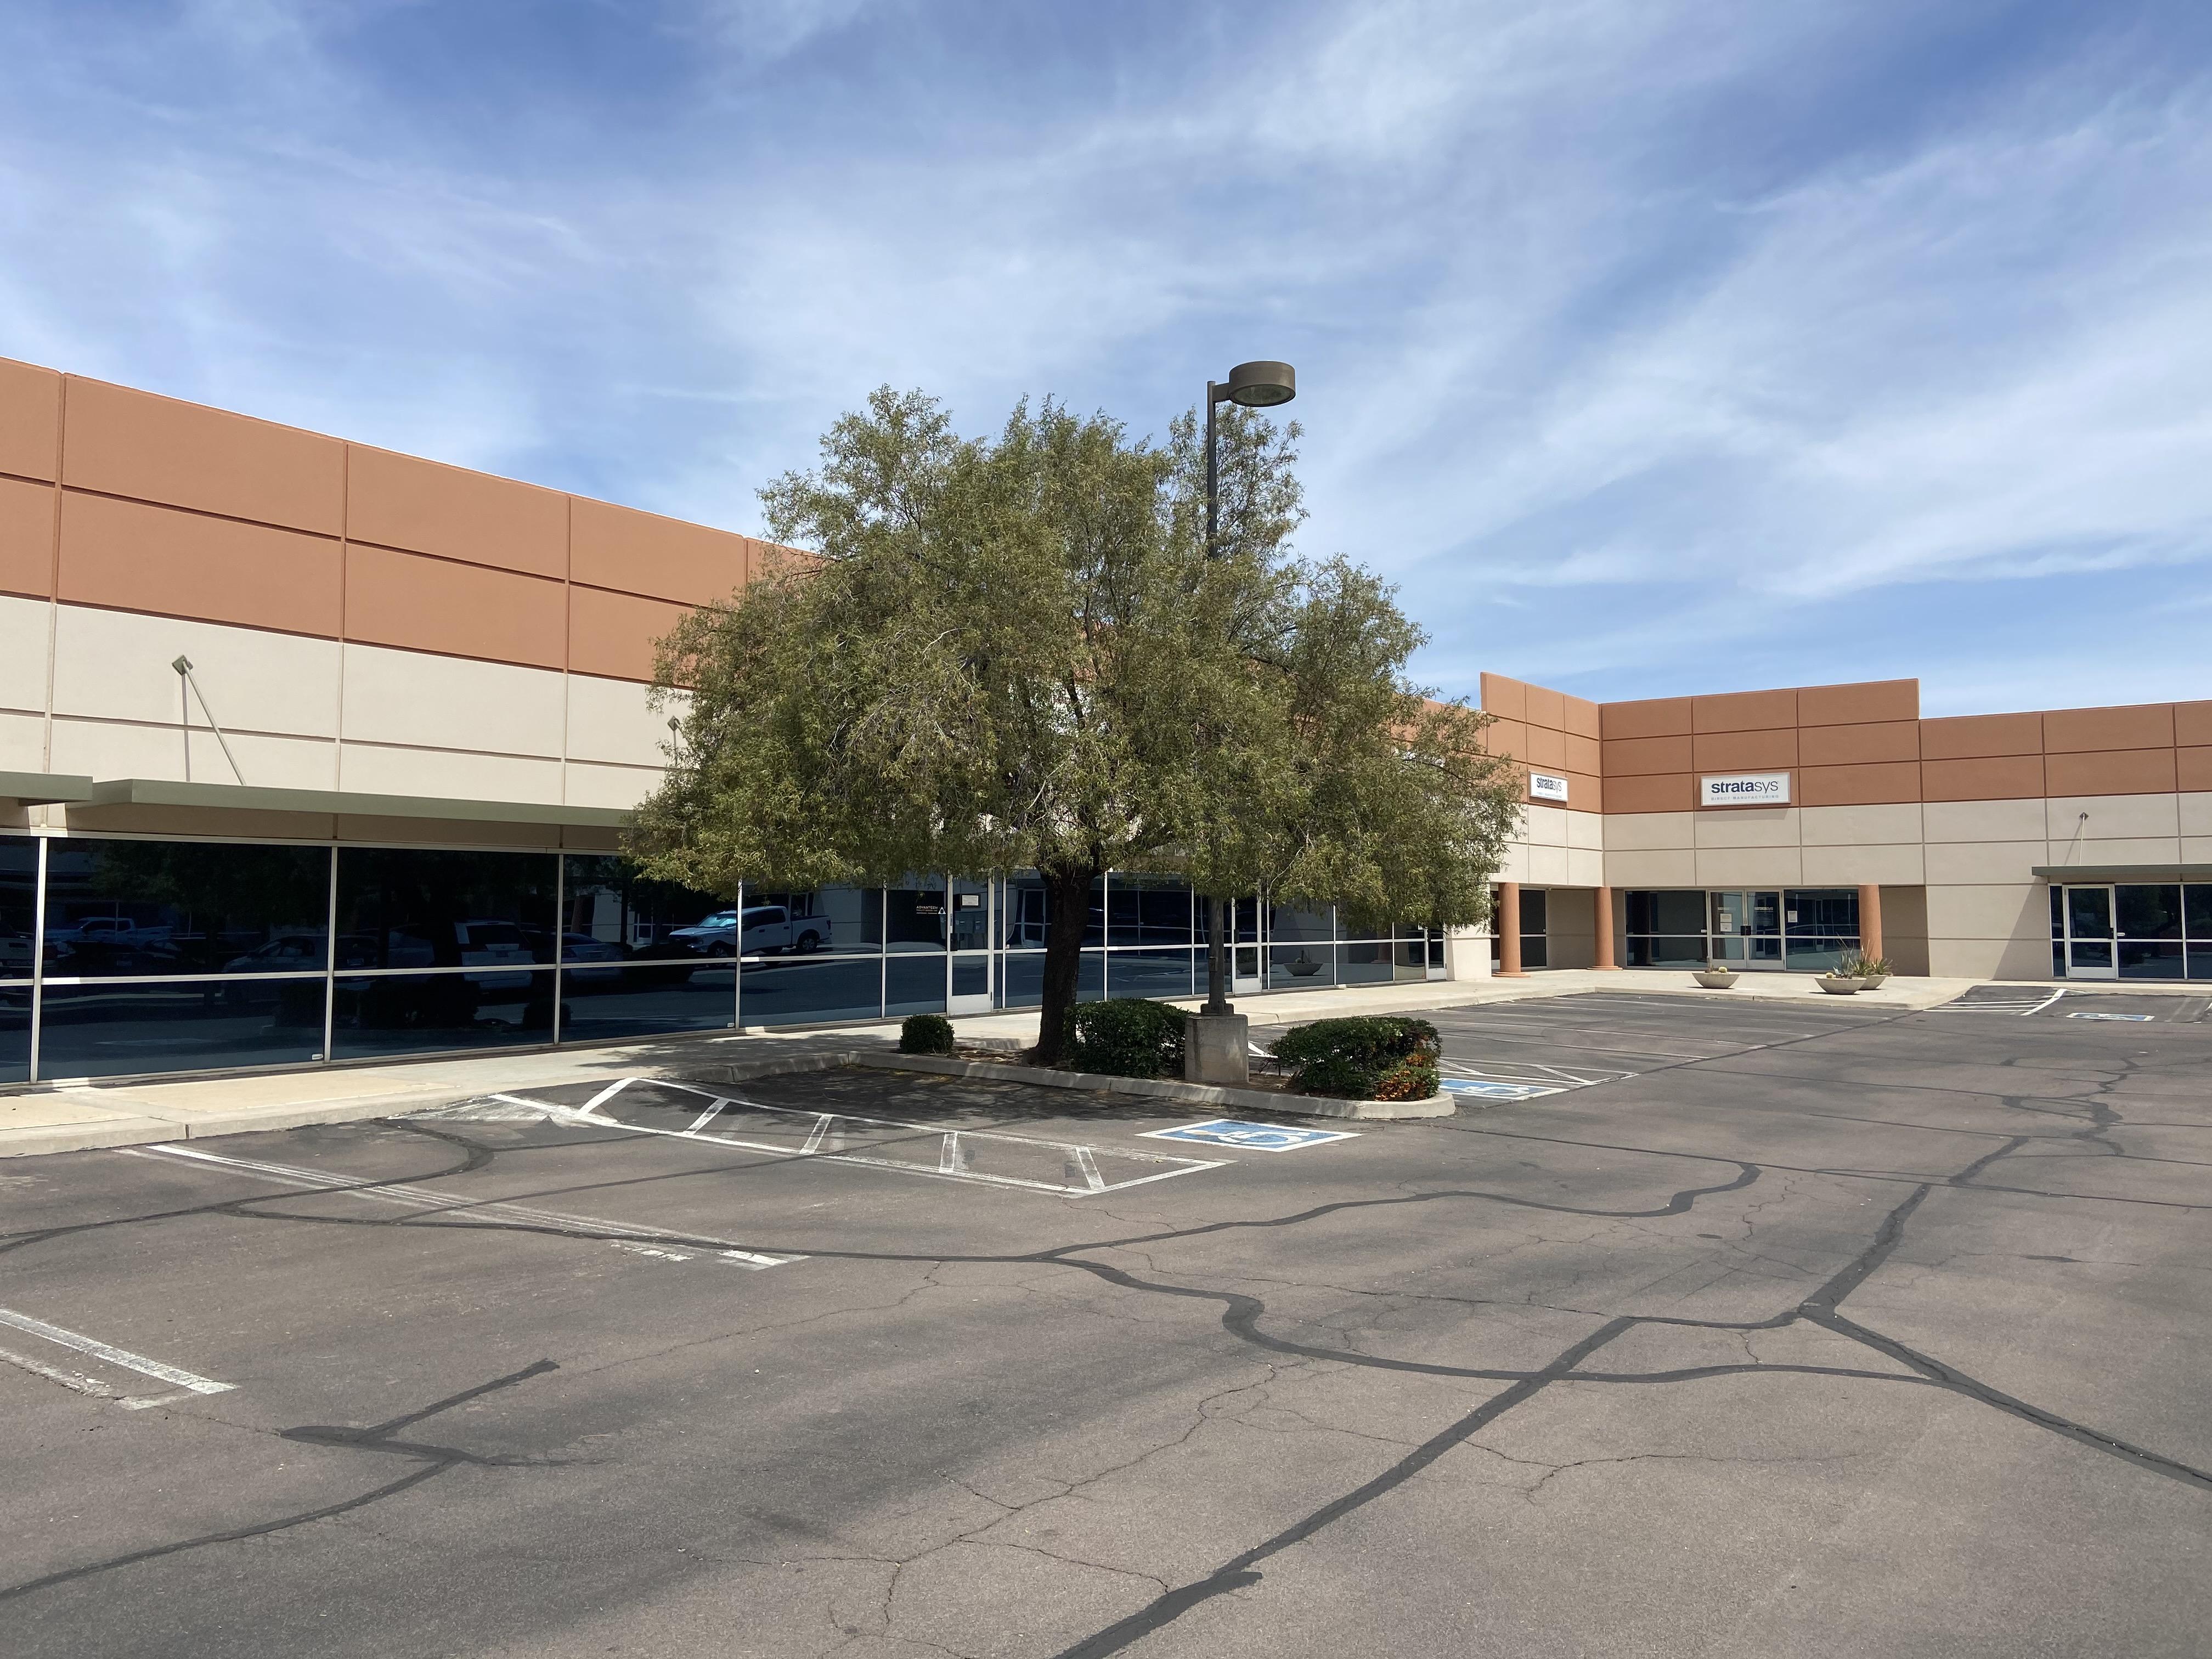 Bowman - Building Image